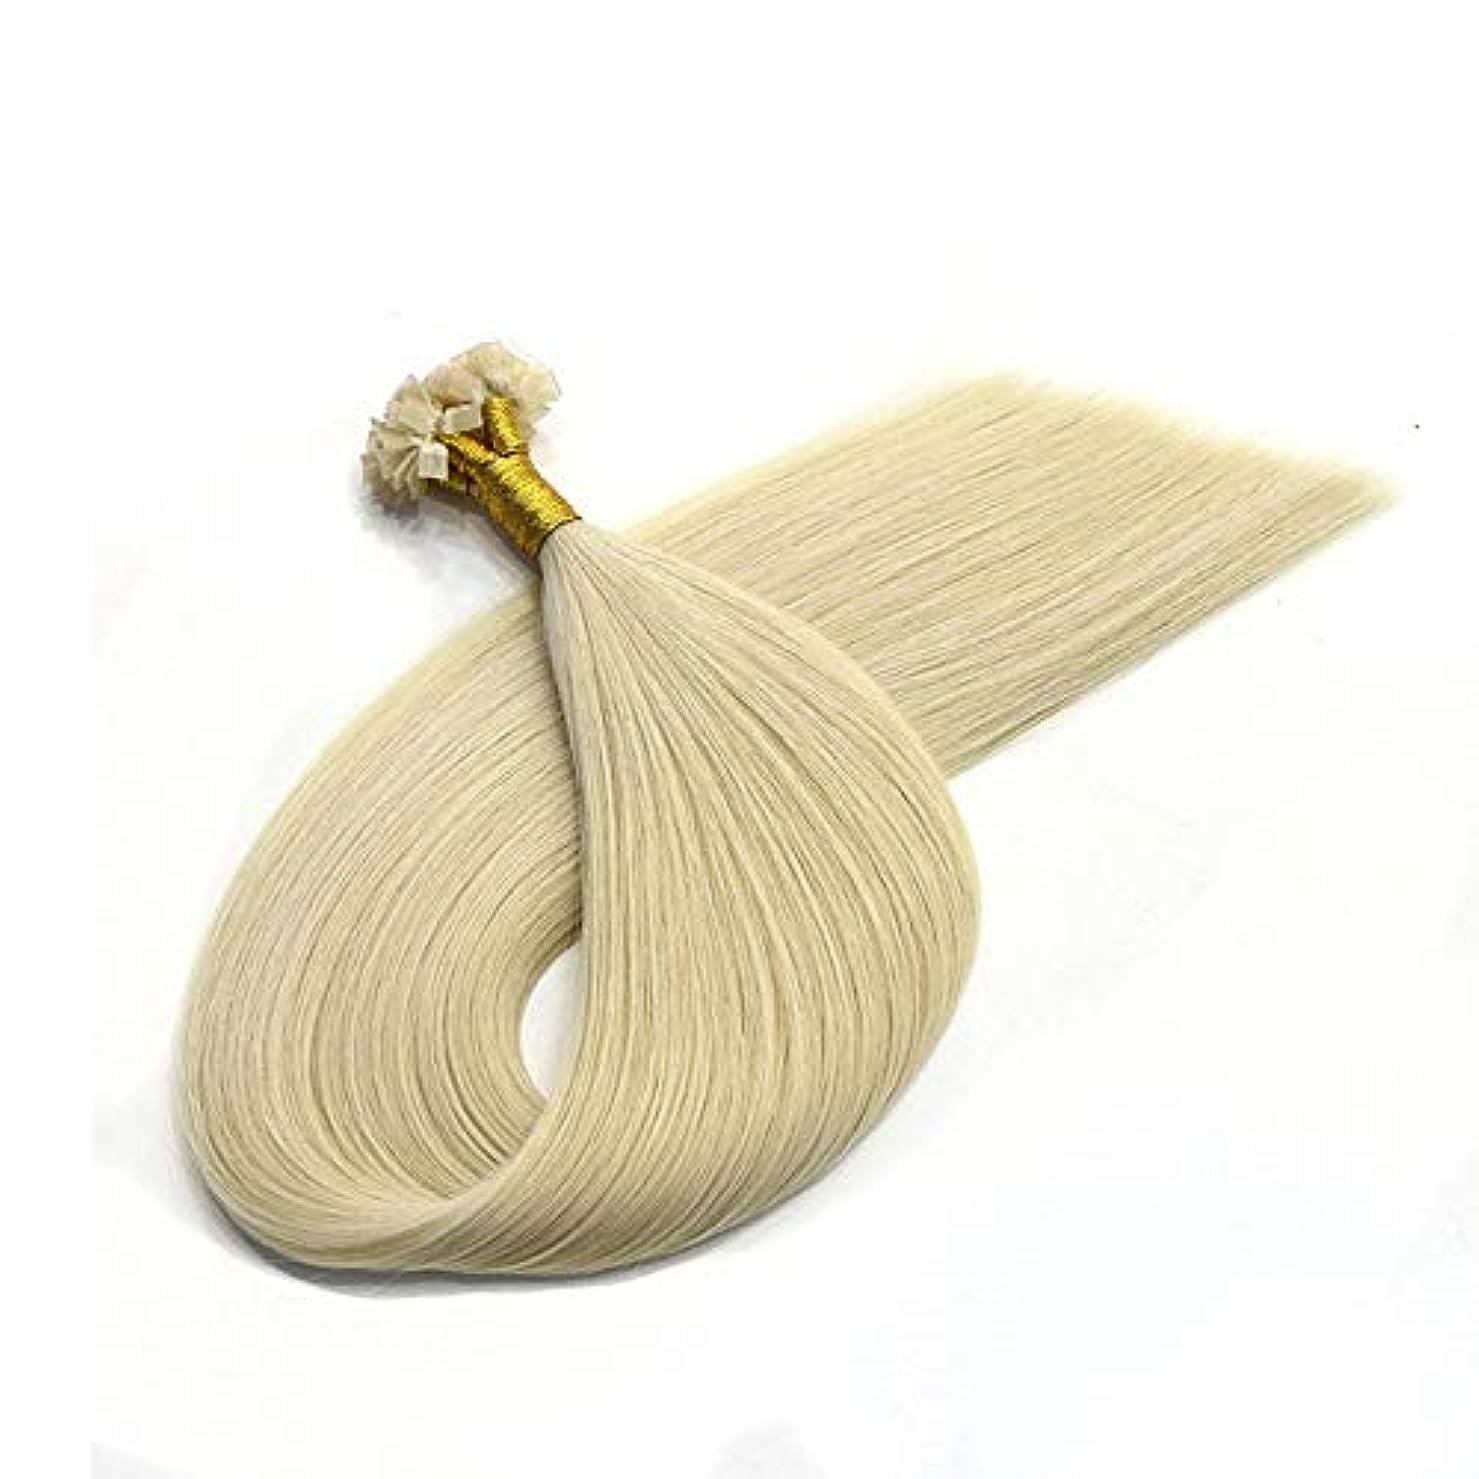 酔うスカウトアクセントWASAIO ヘアエクステンションクリップUnseamed髪型アッシュブロンドのブラジルレミーナノヒントビーズ100%人間の髪 (色 : Blonde, サイズ : 10 inch)